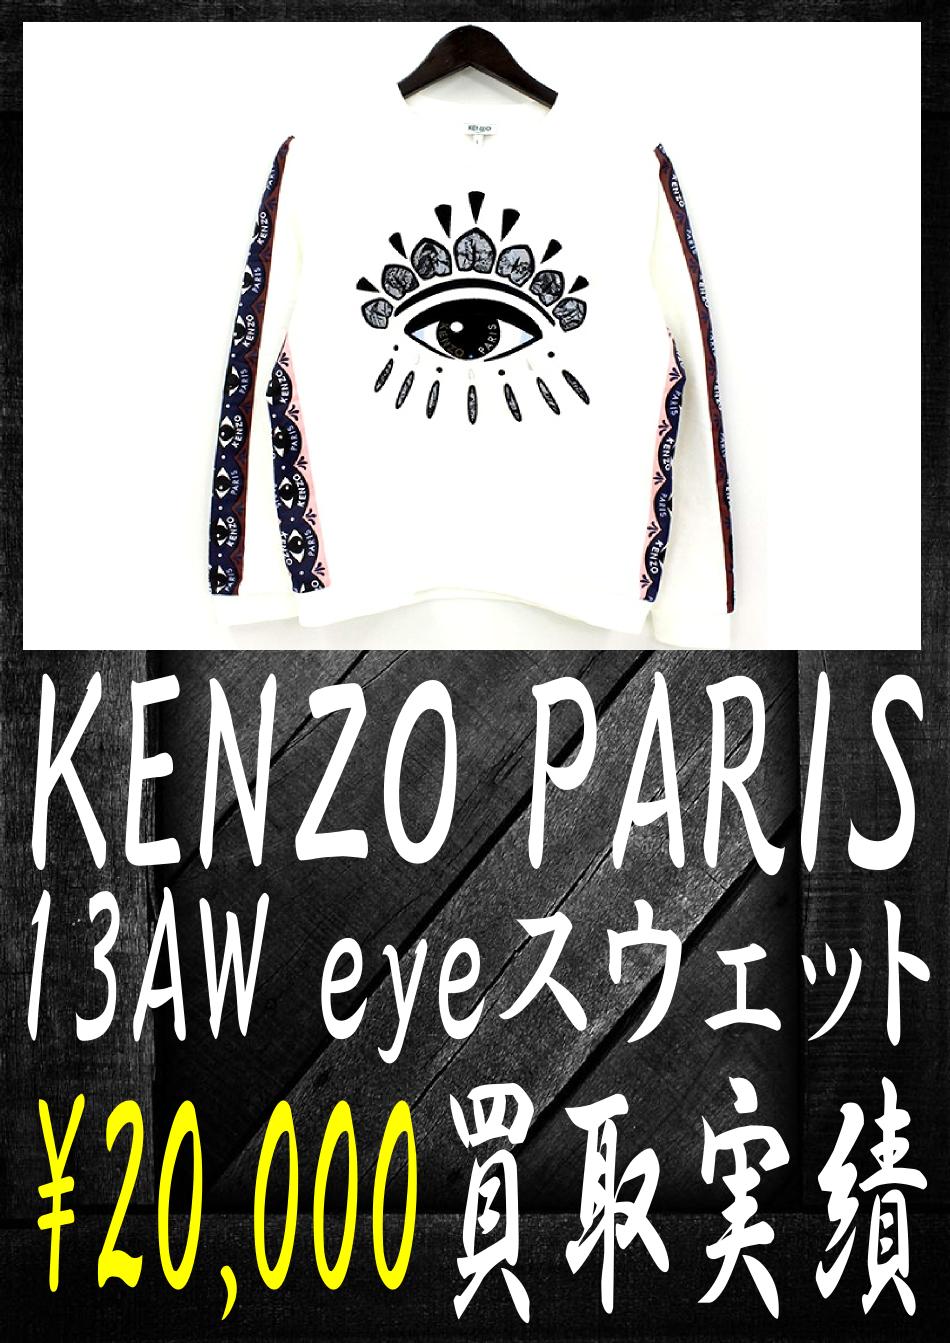 ケンゾーパリの13AW-eyeスウェット-20000円買取です。